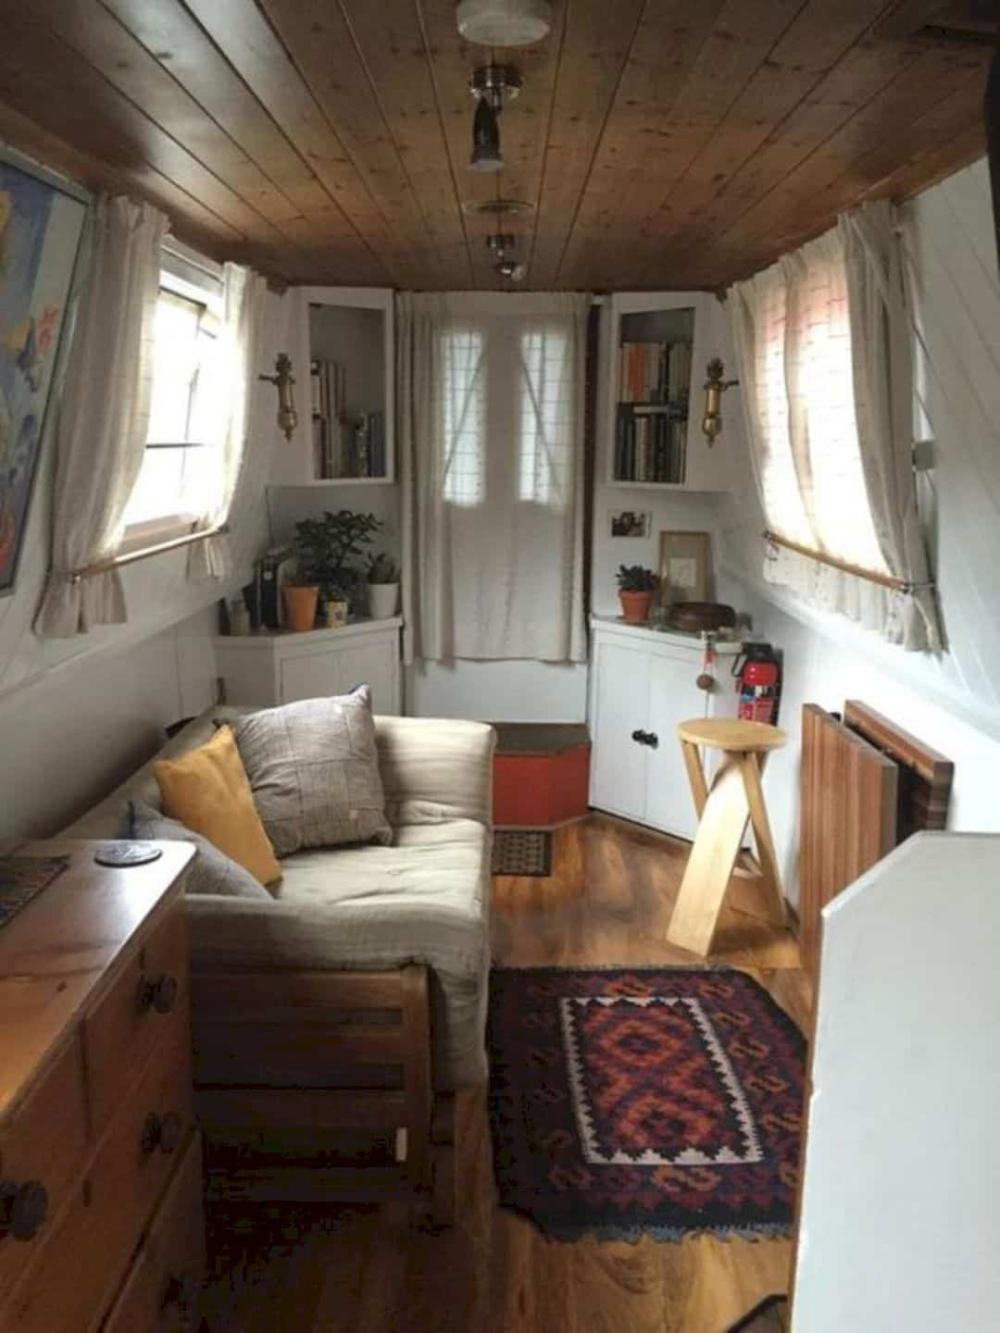 16 Tiny House Interior Design Ideas: Tiny House Design, Interior, Home